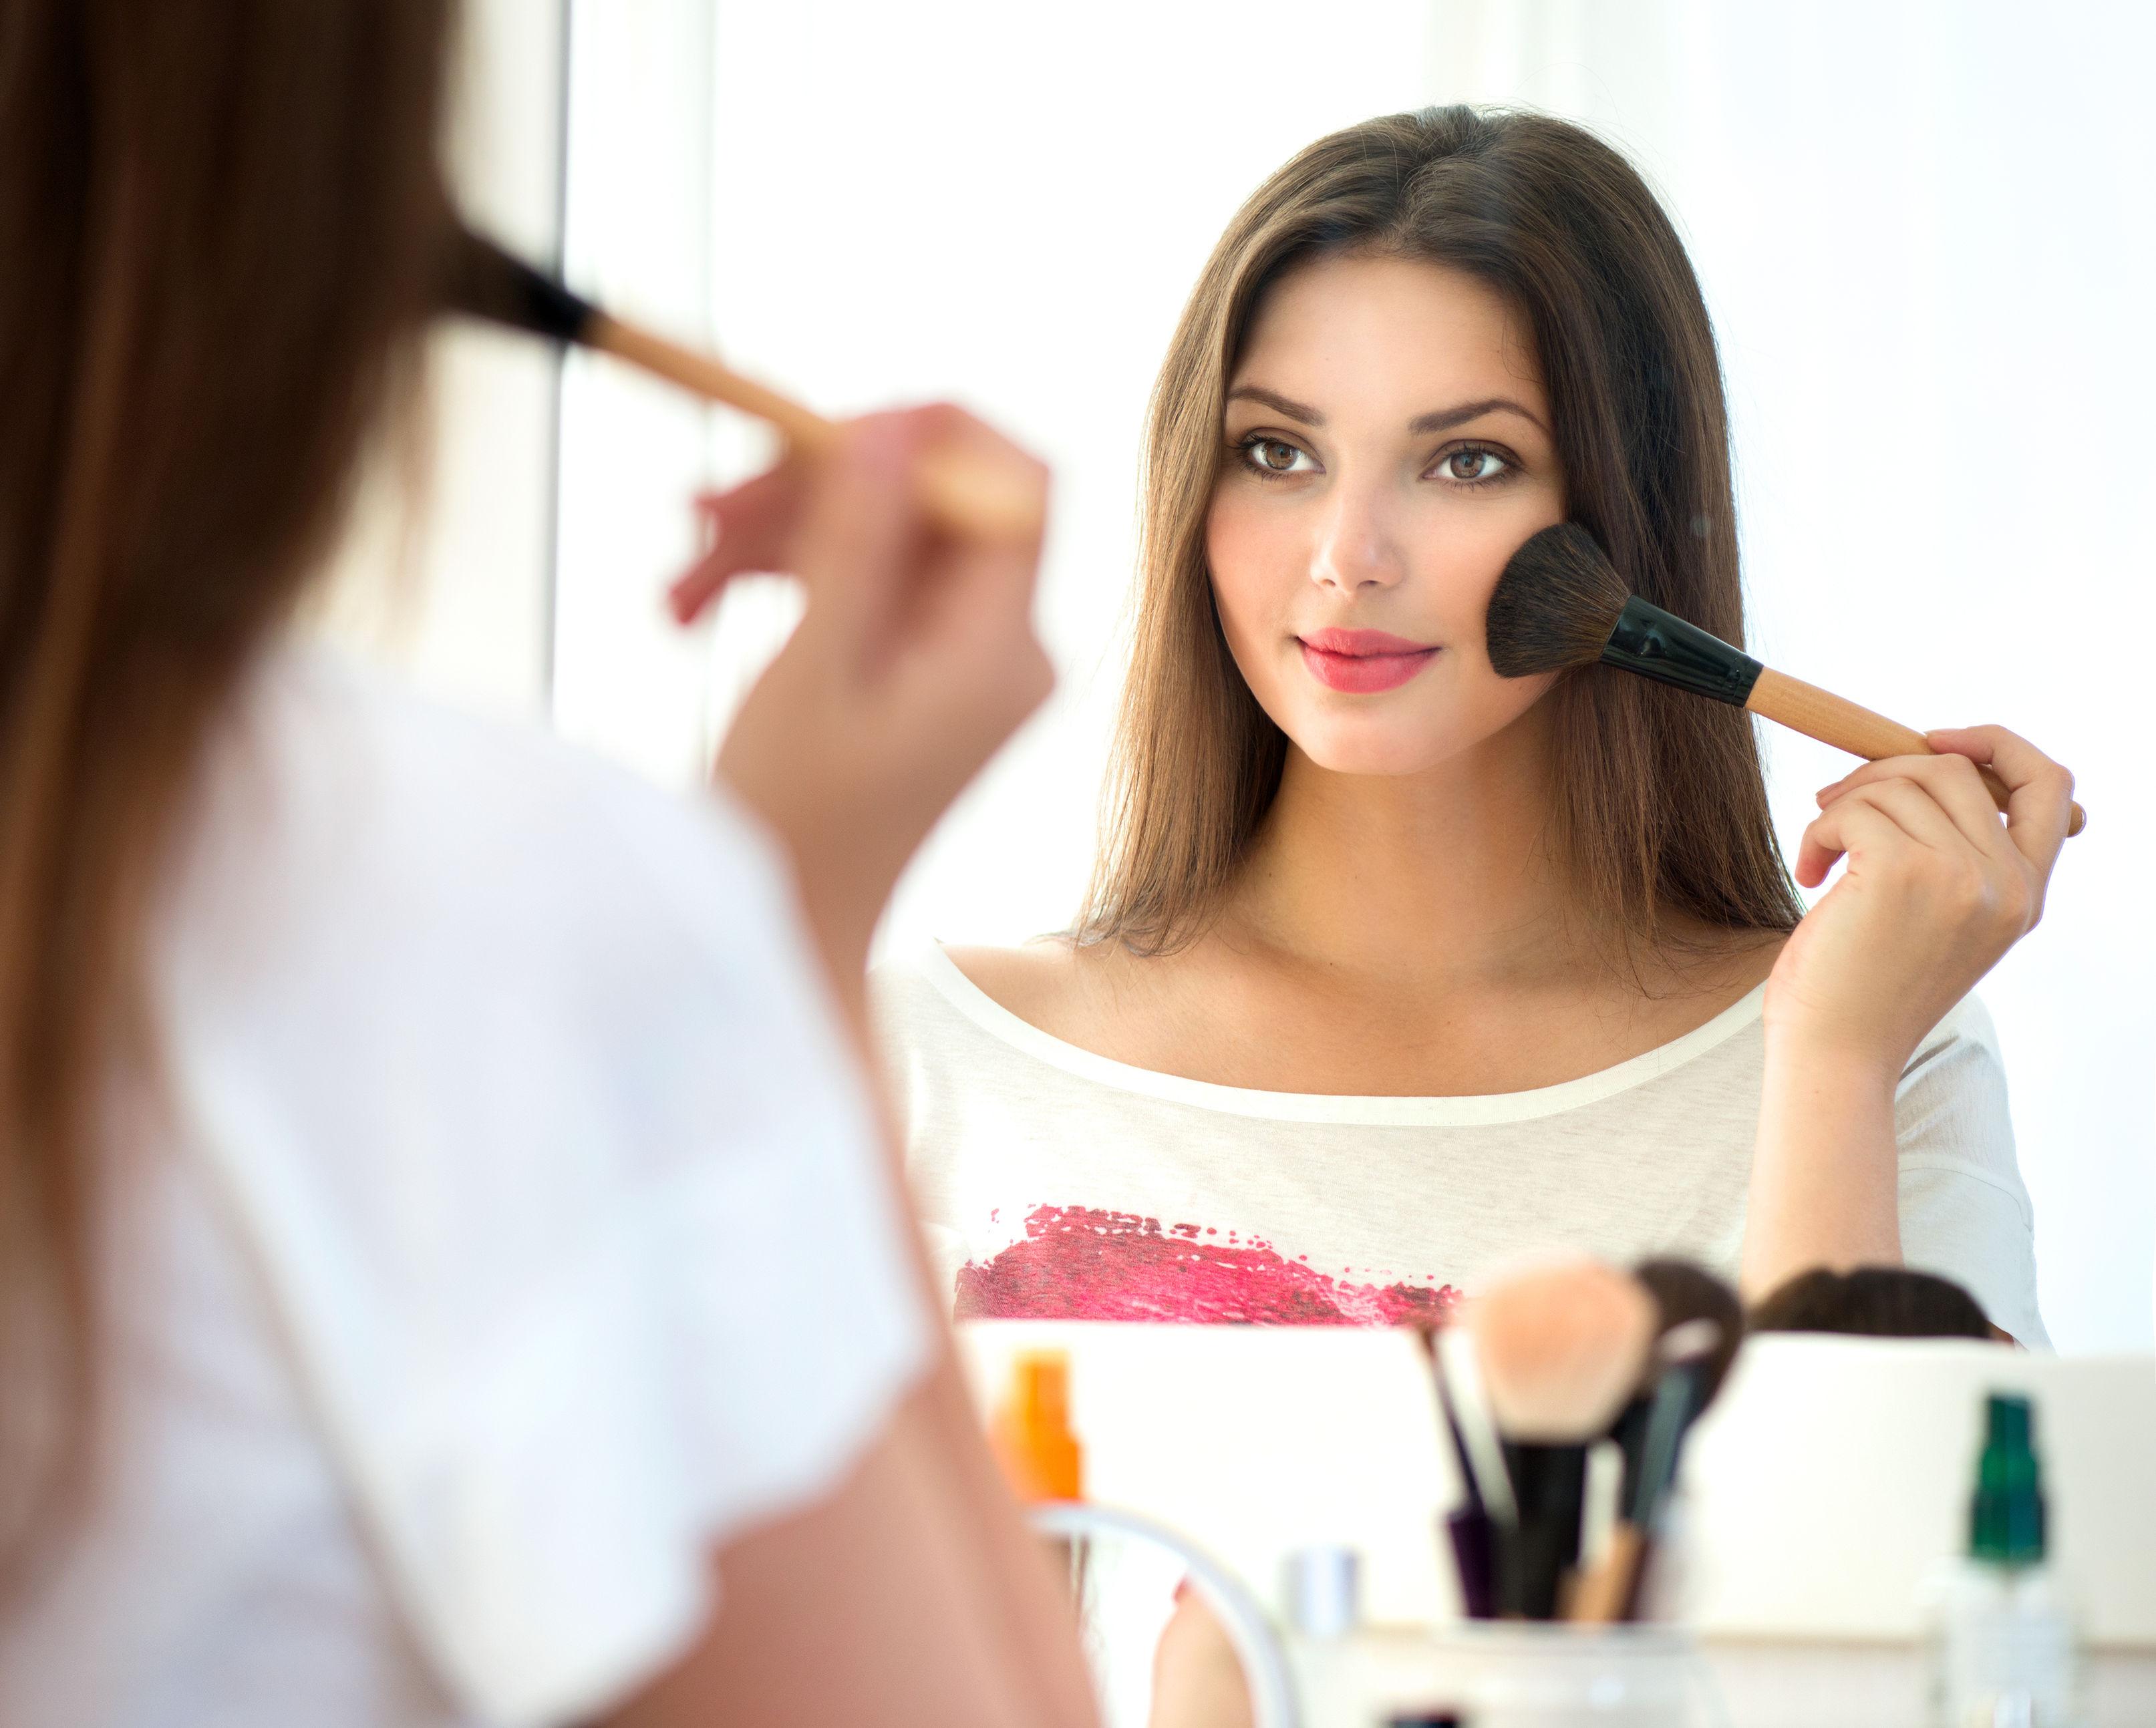 Girl applying blush